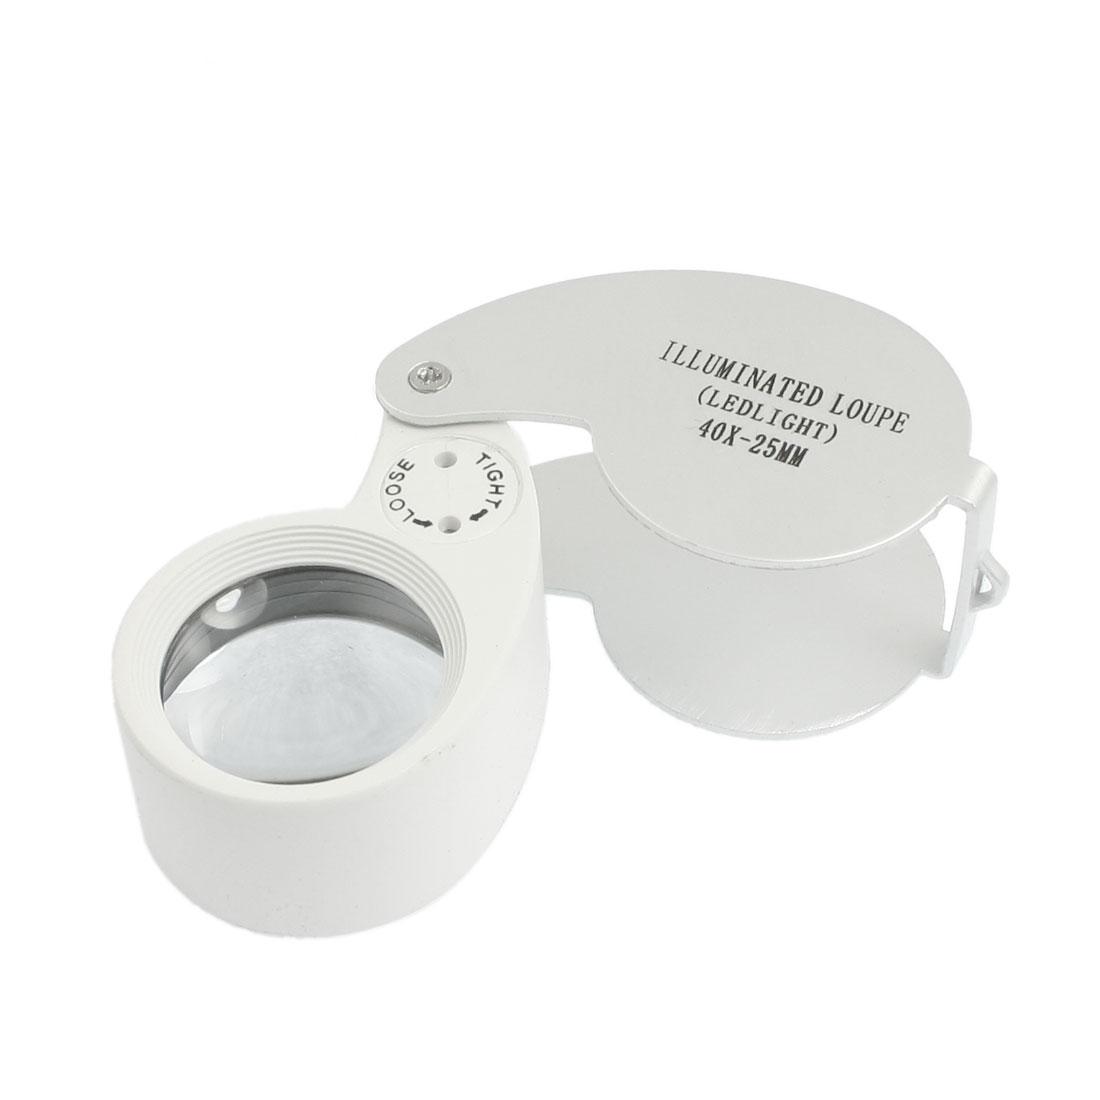 25mm Whistle Shape Foldable Illuminated Loupe Magnifying Glass